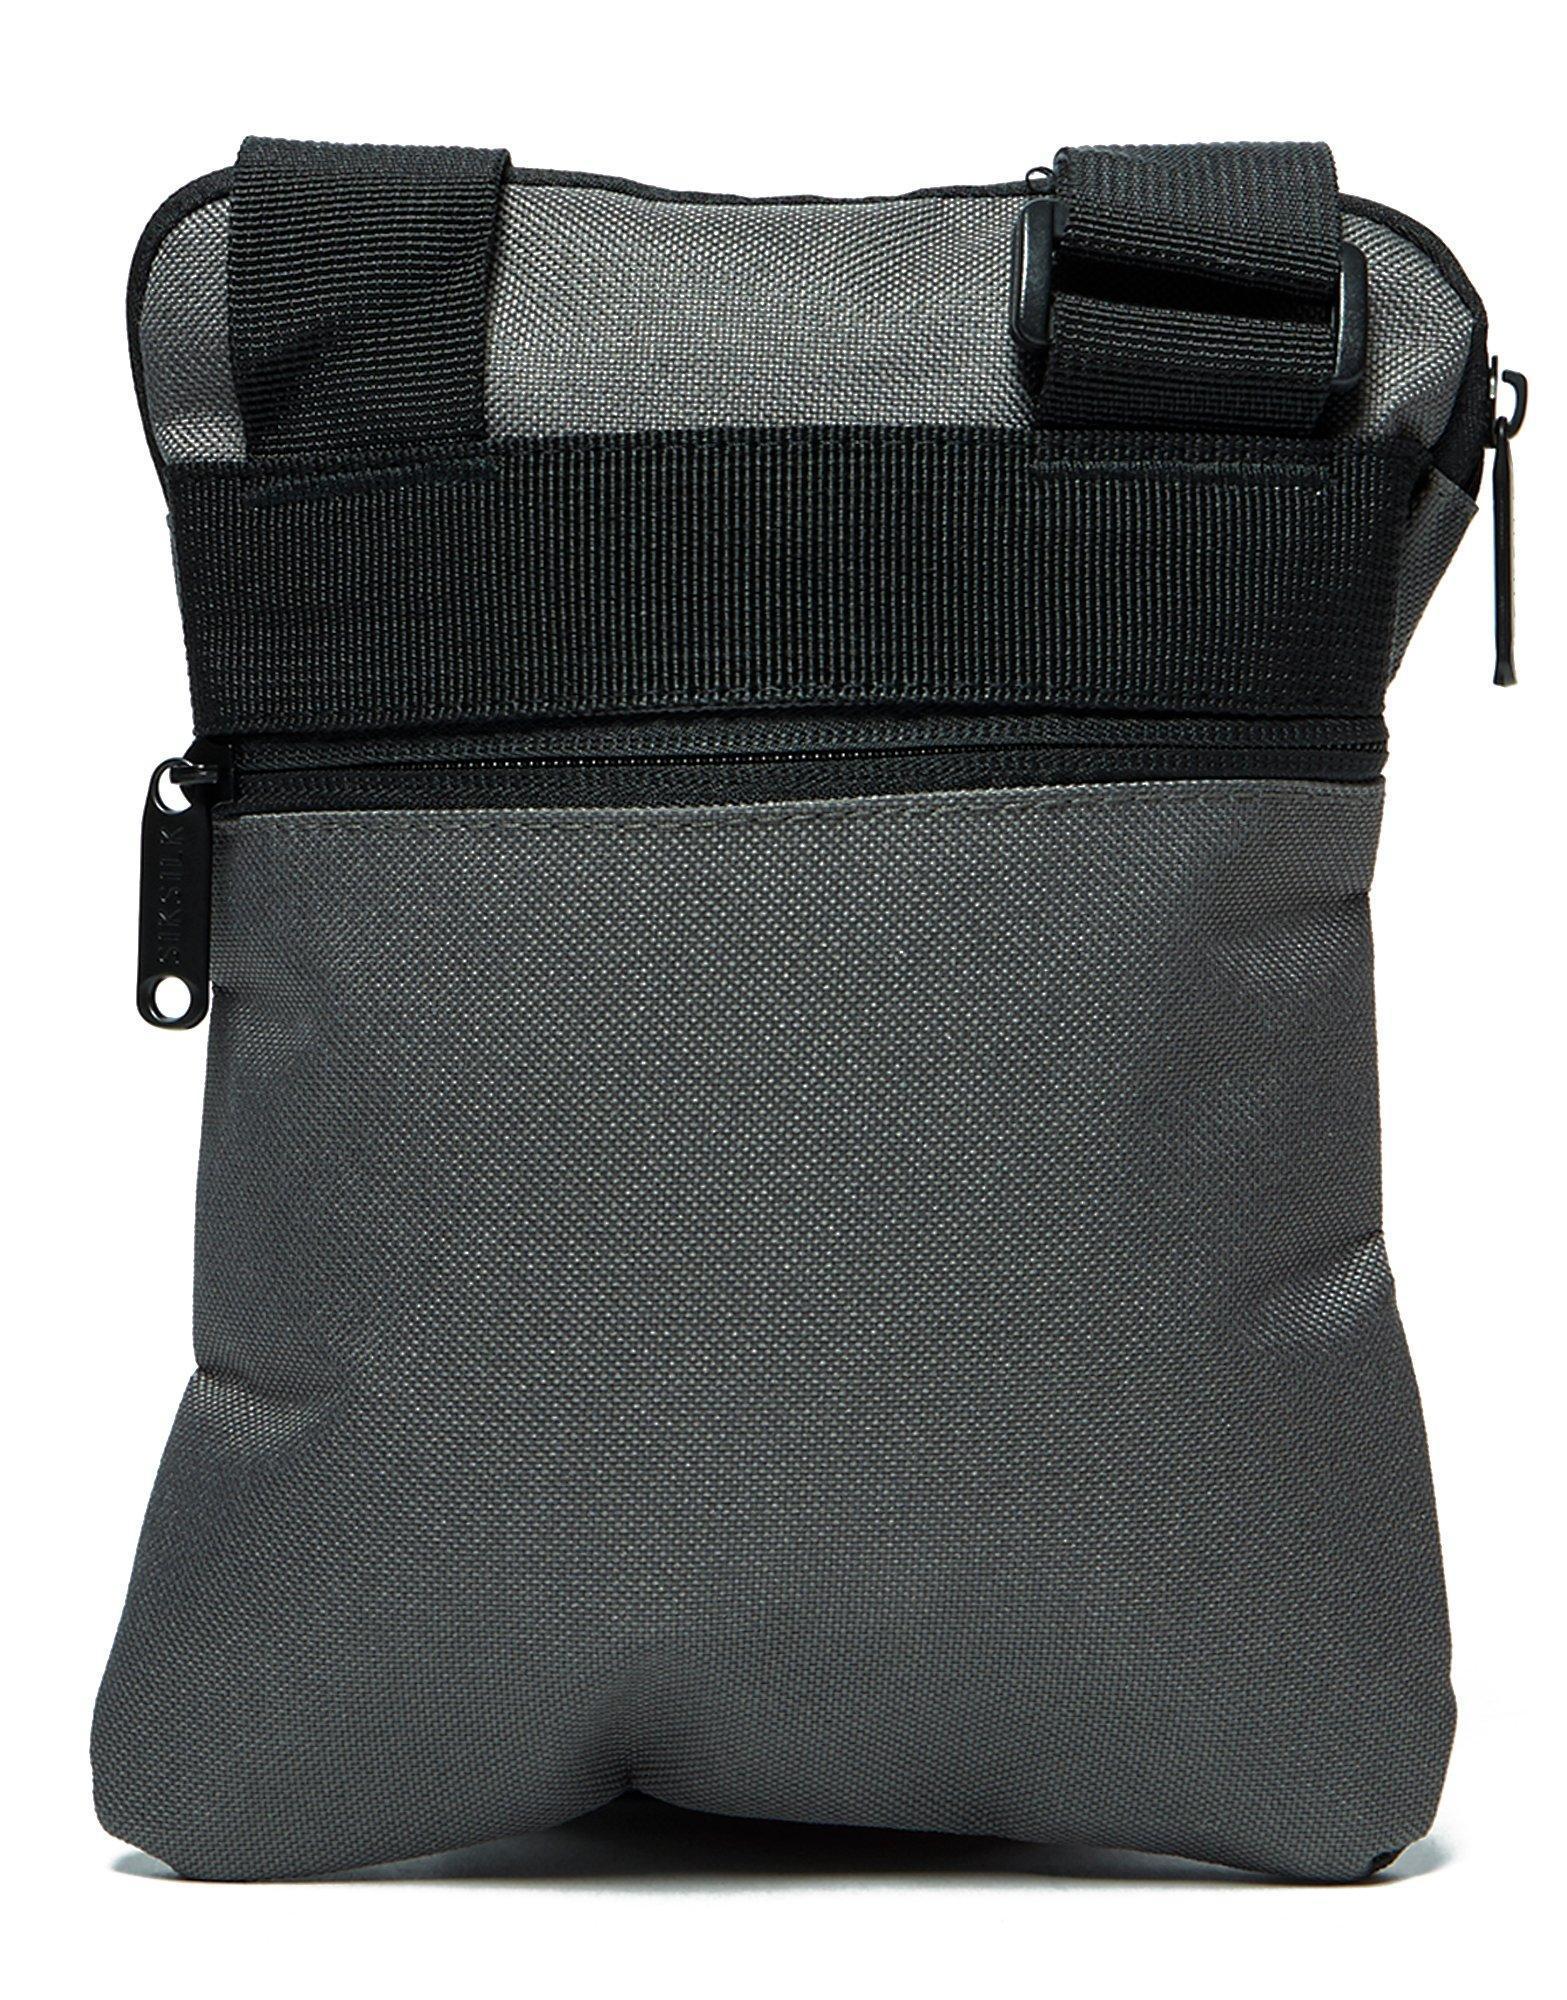 Lyst - SIKSILK Cross Body Flight Bag in Black for Men 3e084259c5262